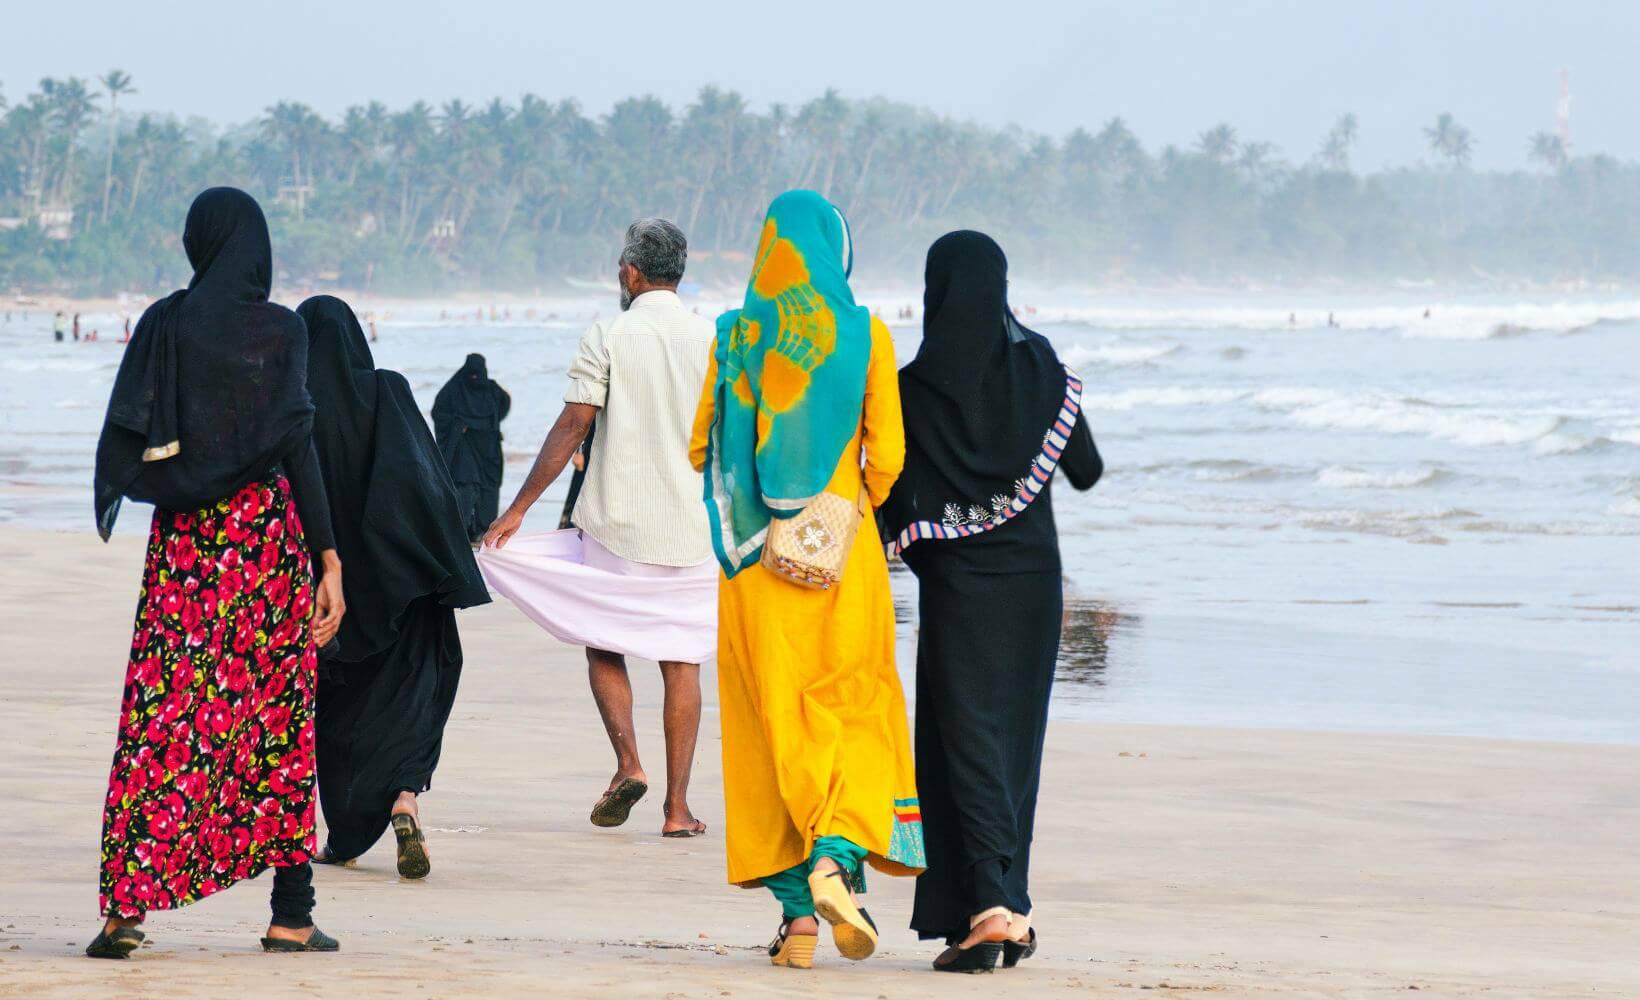 Muçulmanos na praia